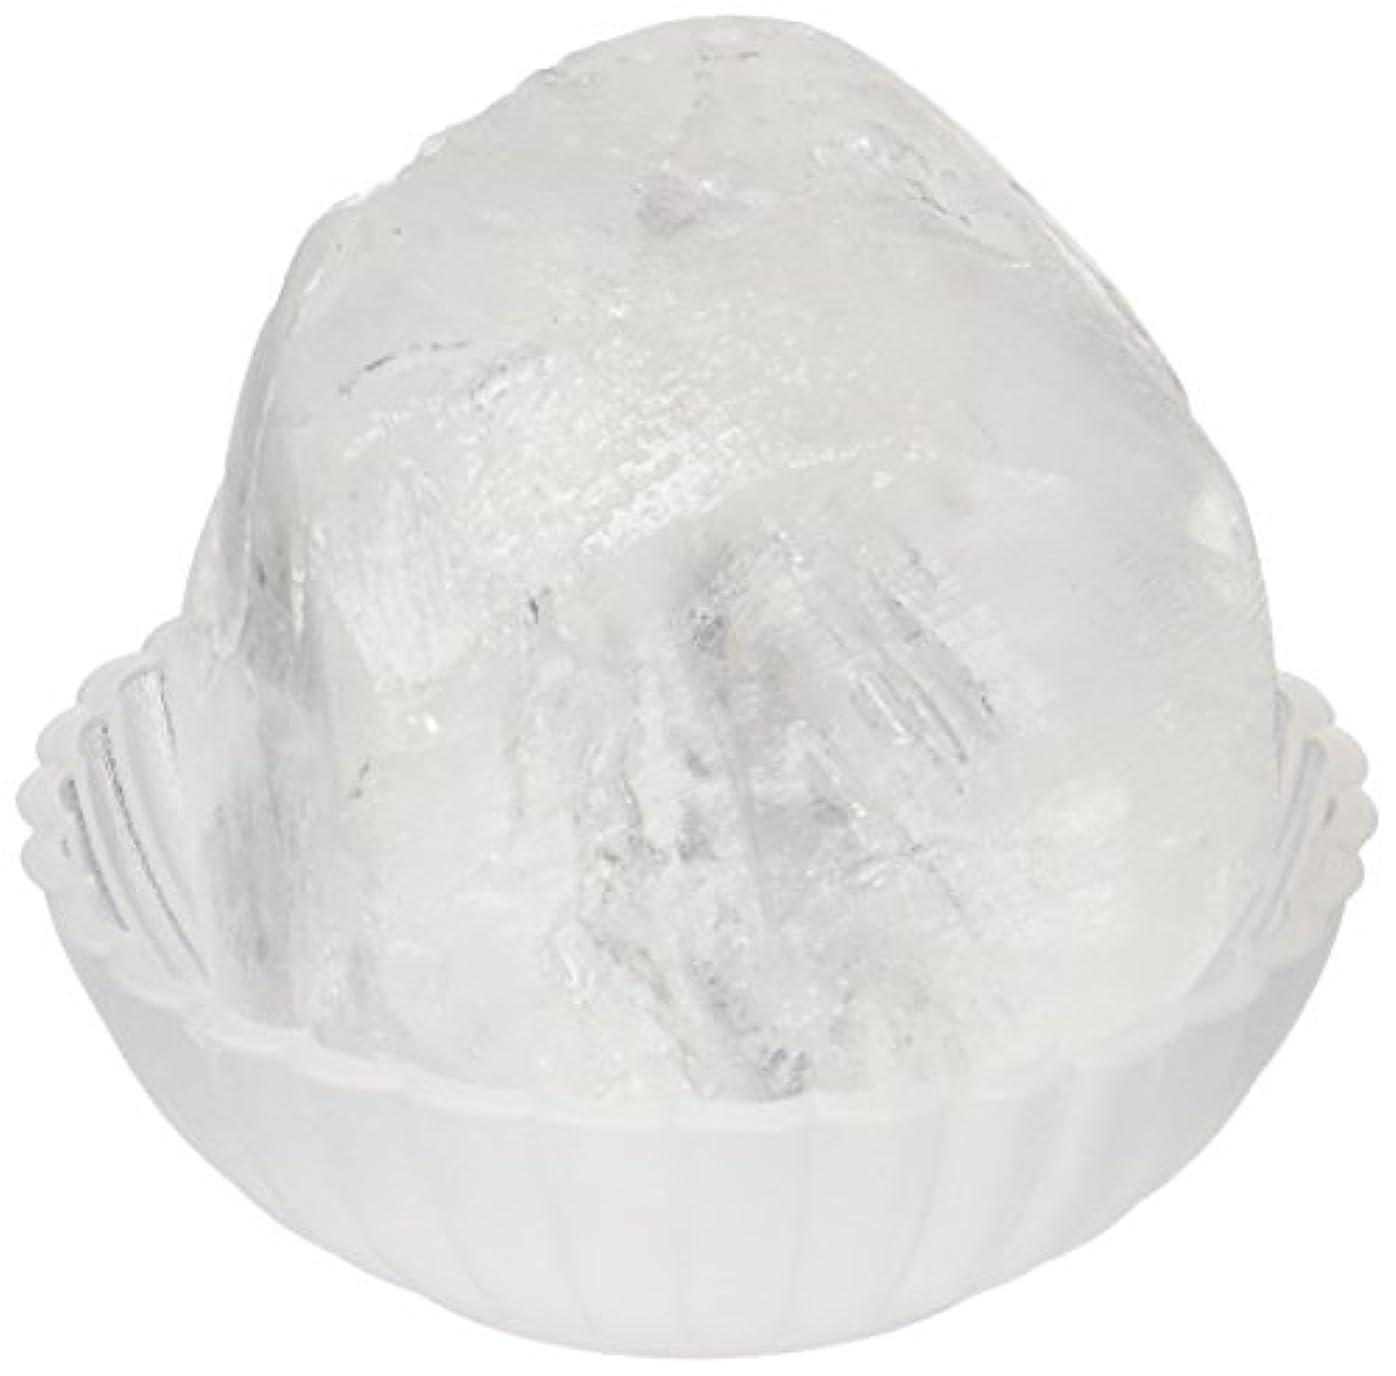 パキスタン人宿尽きるクリスタルボディデオドラント ボール タイプ お得サイズ140g - アルム石(みょうばん)のデオドラント